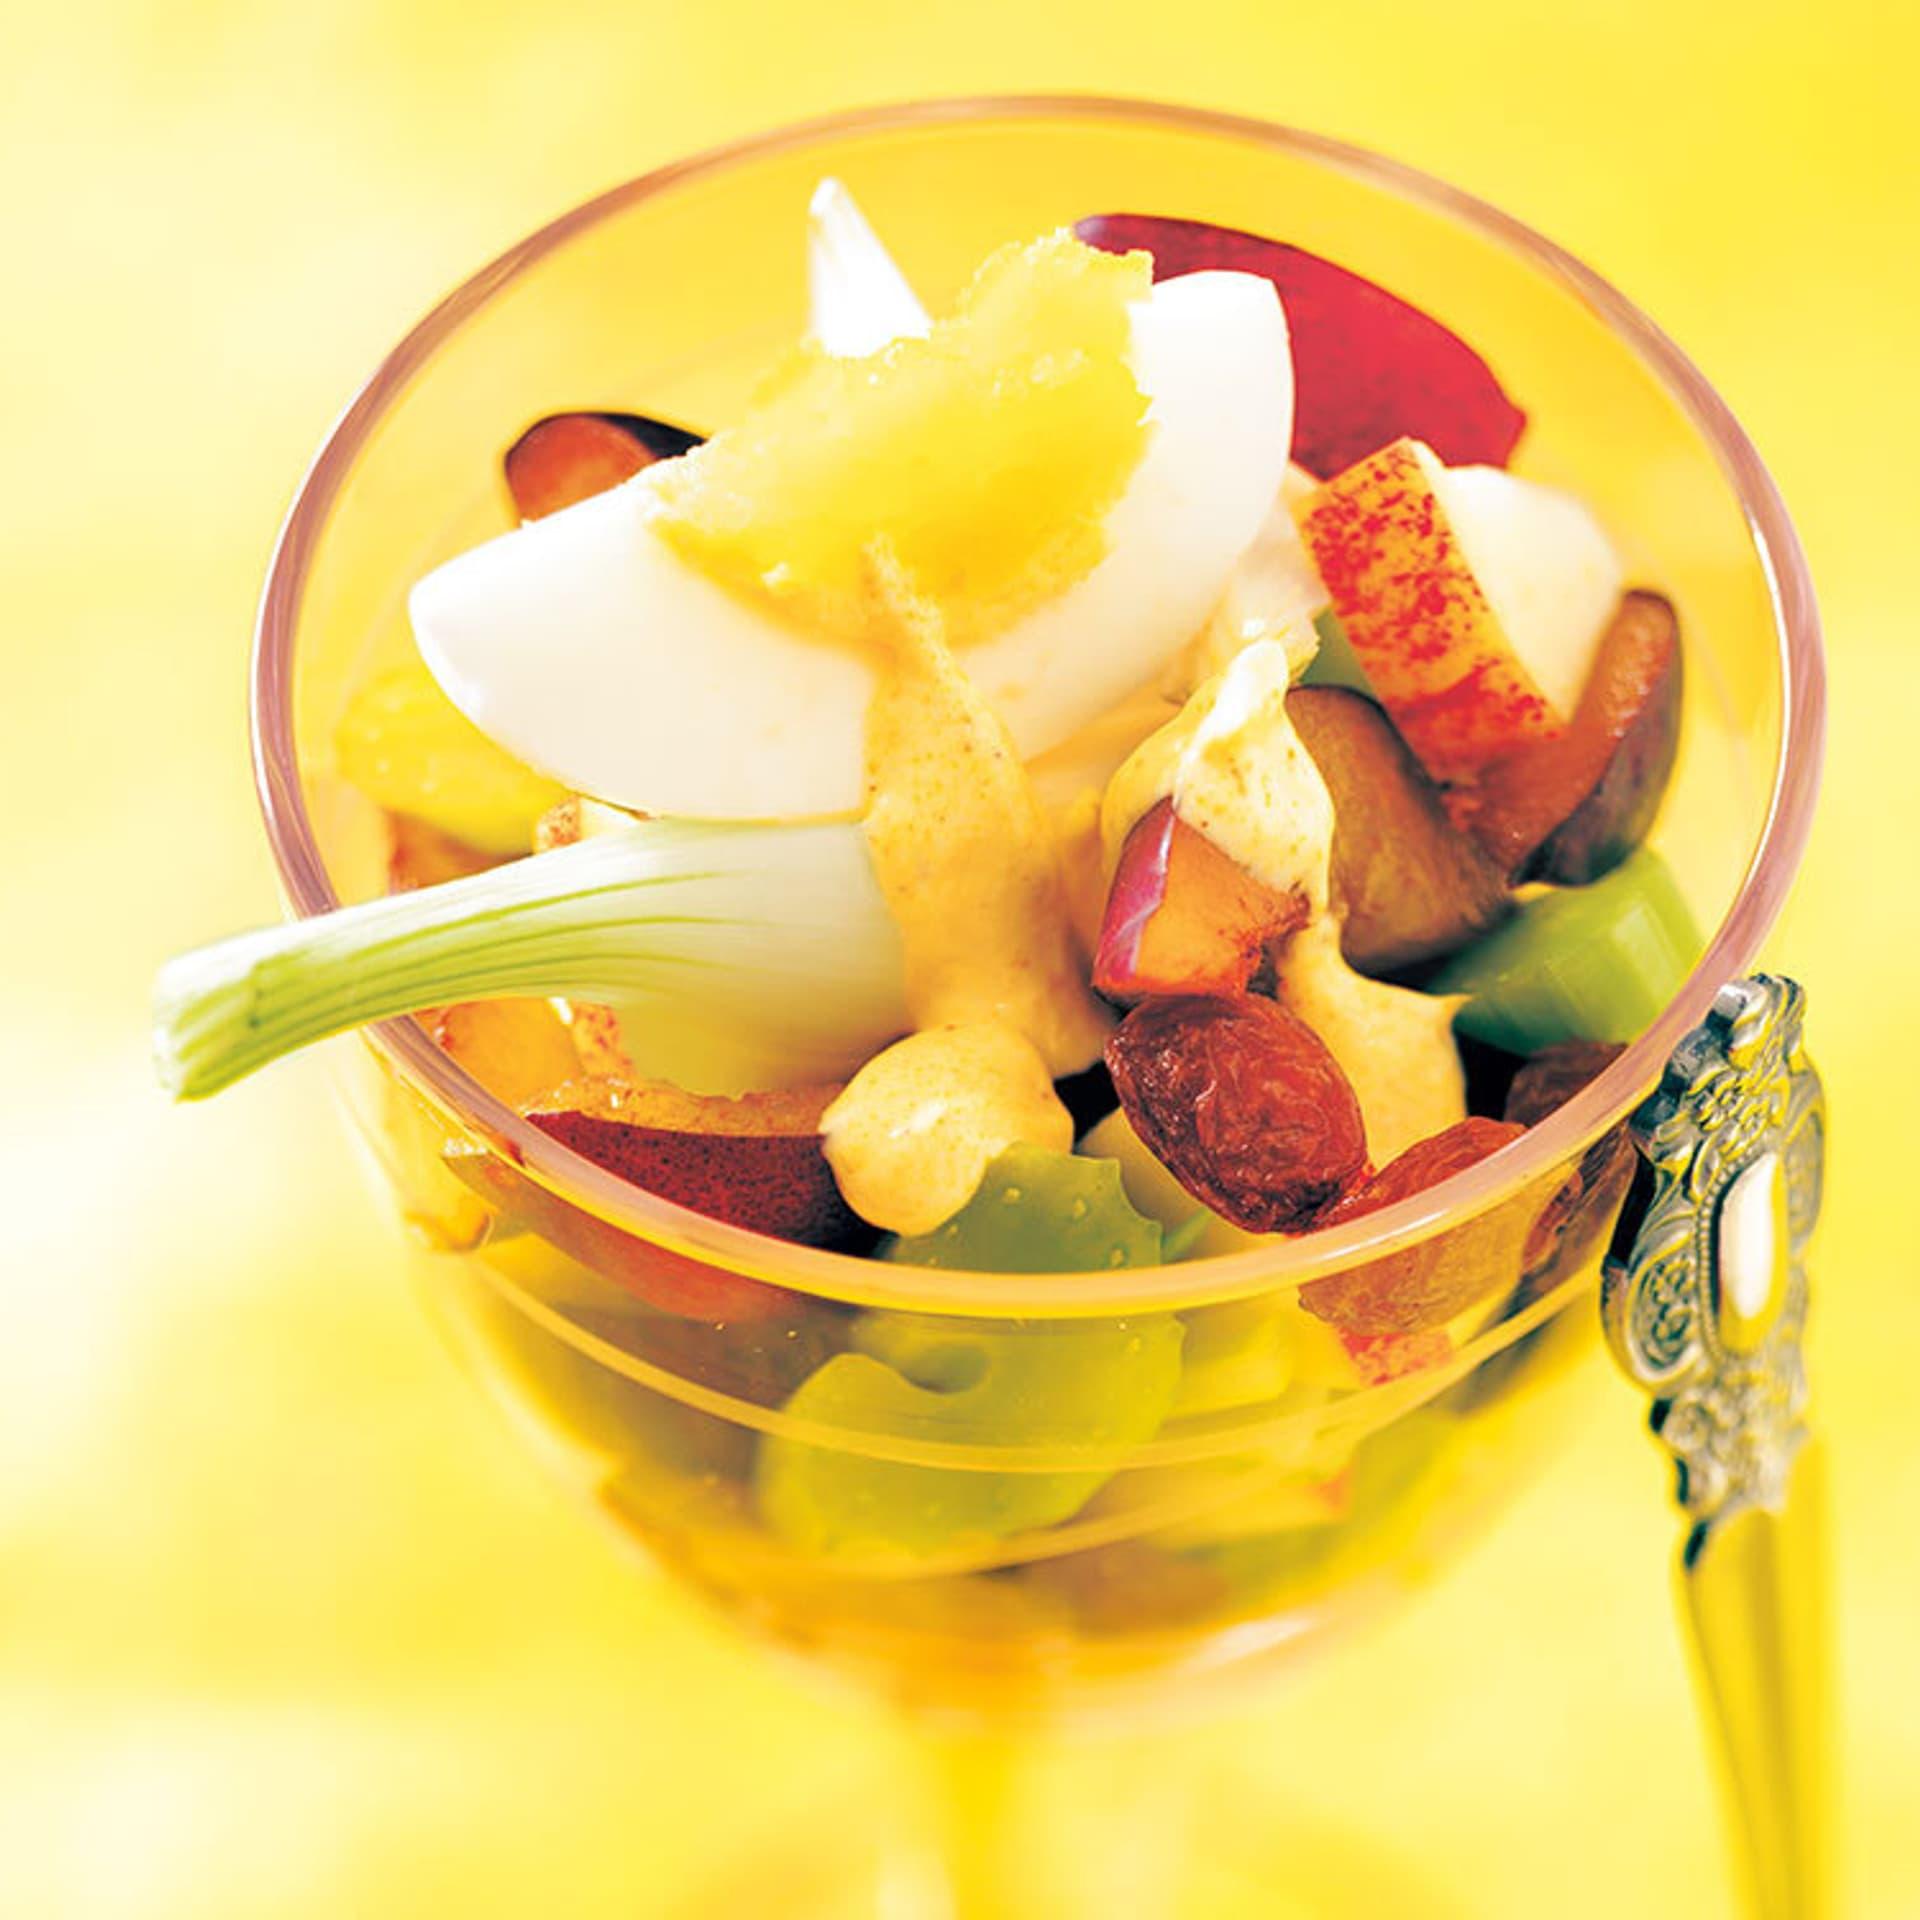 ein Glas mit Gemüse, Obst und einem viertel Ei